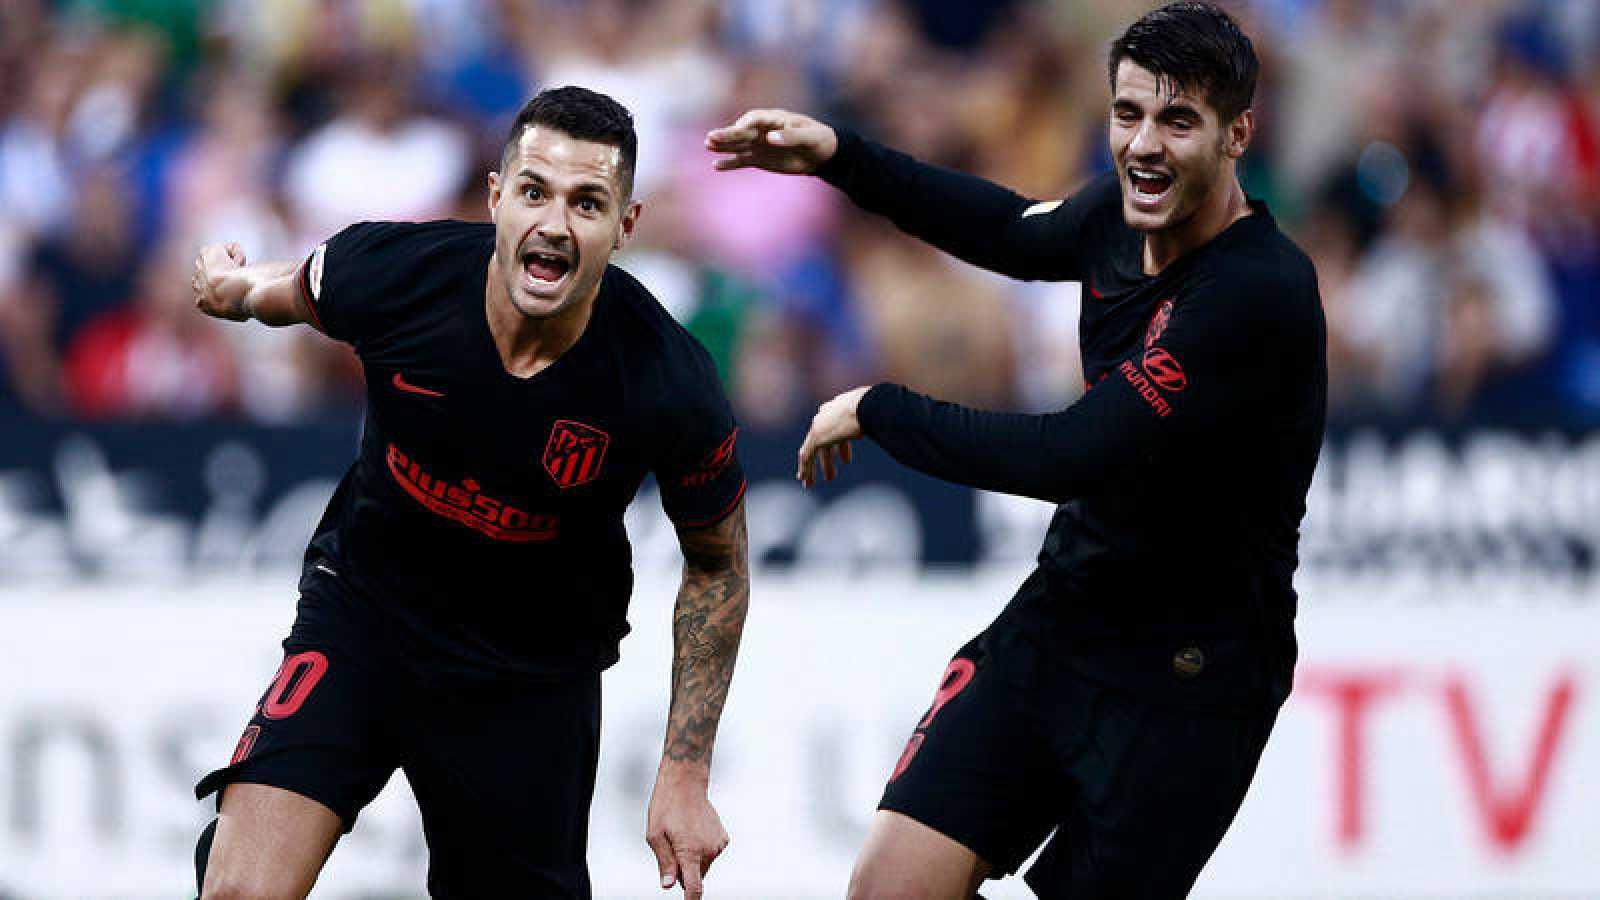 Vitolo celebra el tanto marcado al Leganés.